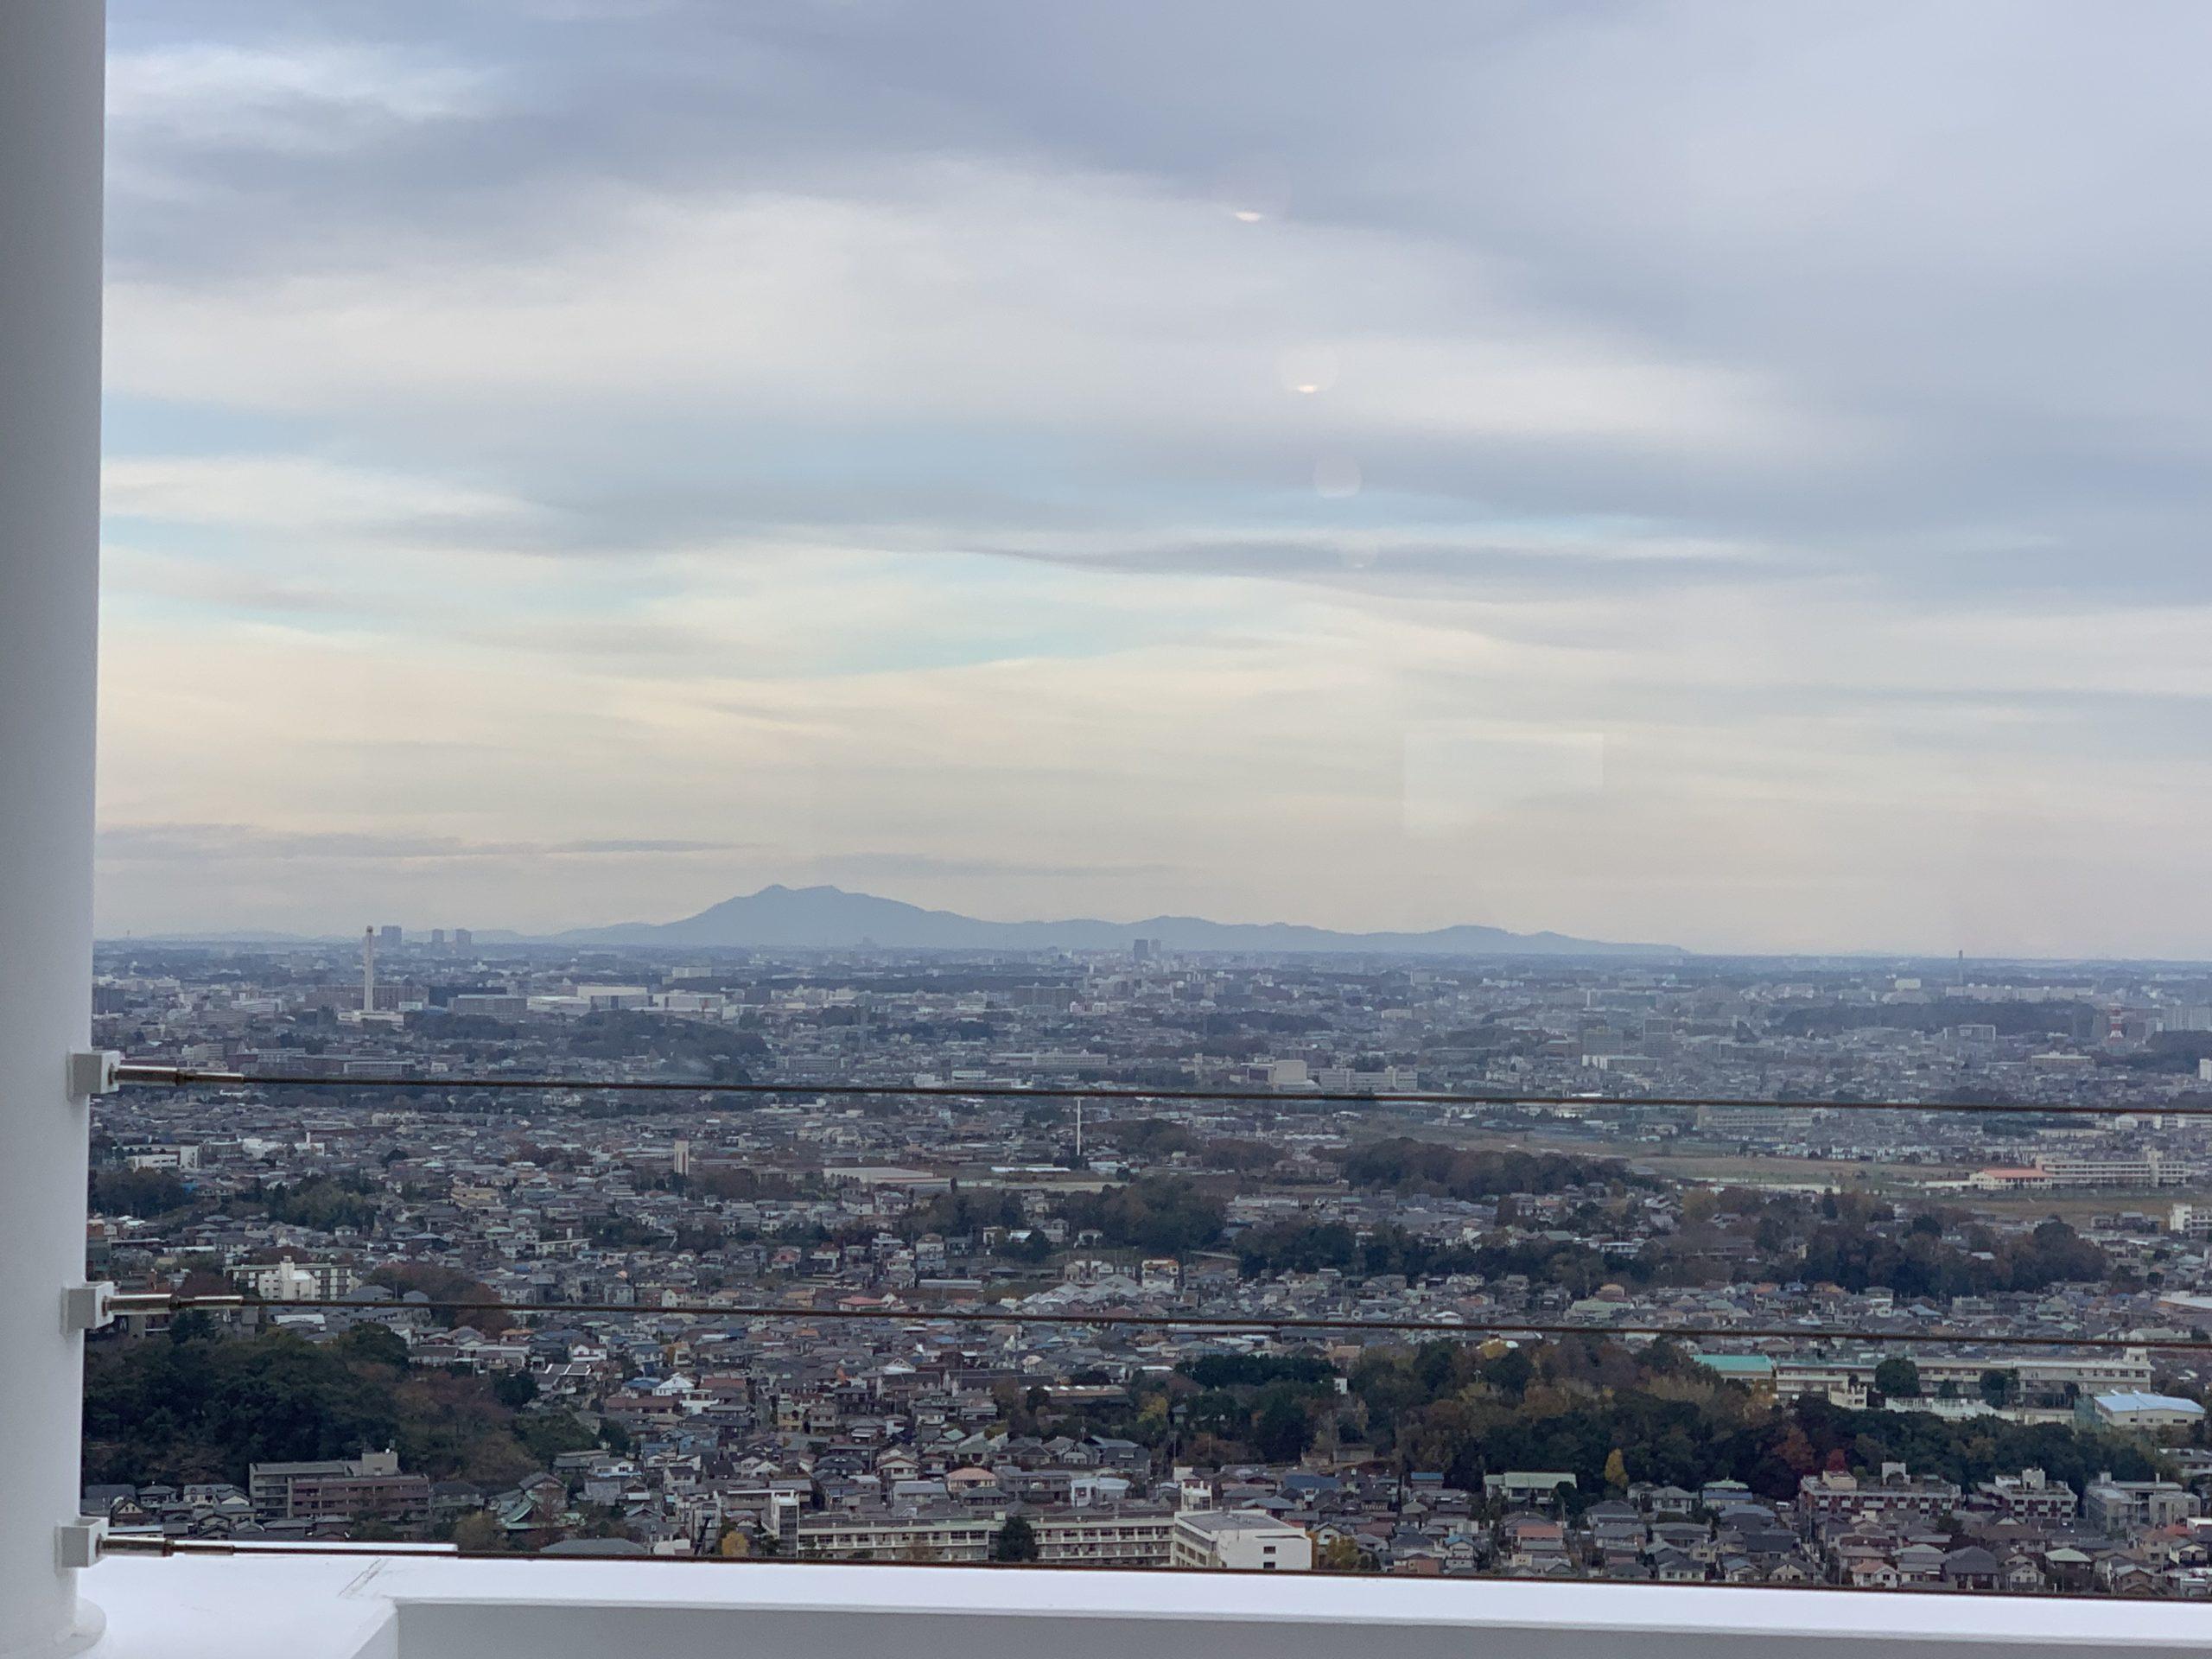 アイ・リンクタウン展望施設からの眺め